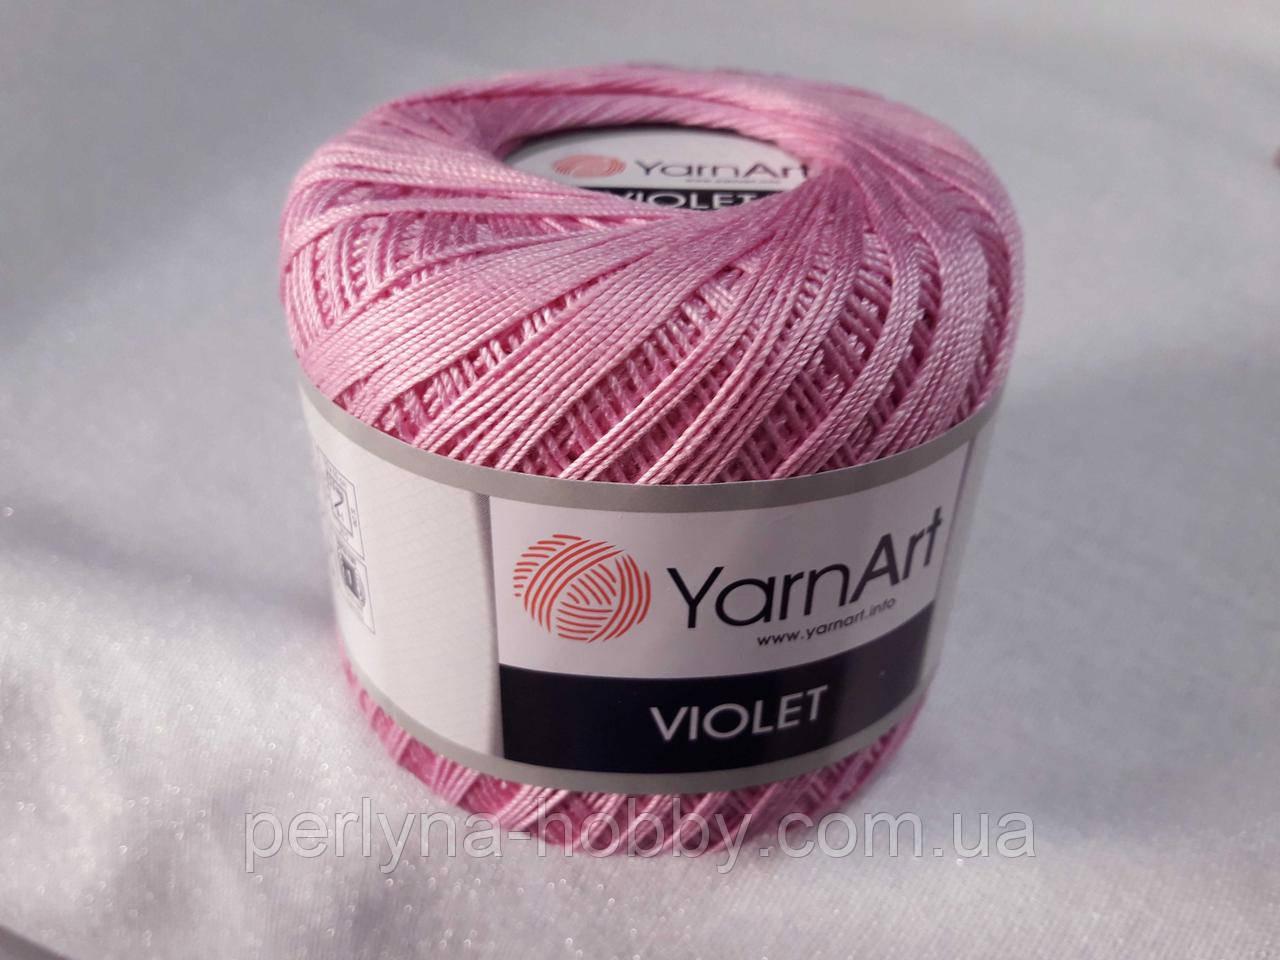 Пряжа нитки для вязания хлопковые  Виолет Ярнарт Violet YarnArt 100% бавовна, рожево ліловий № 0319